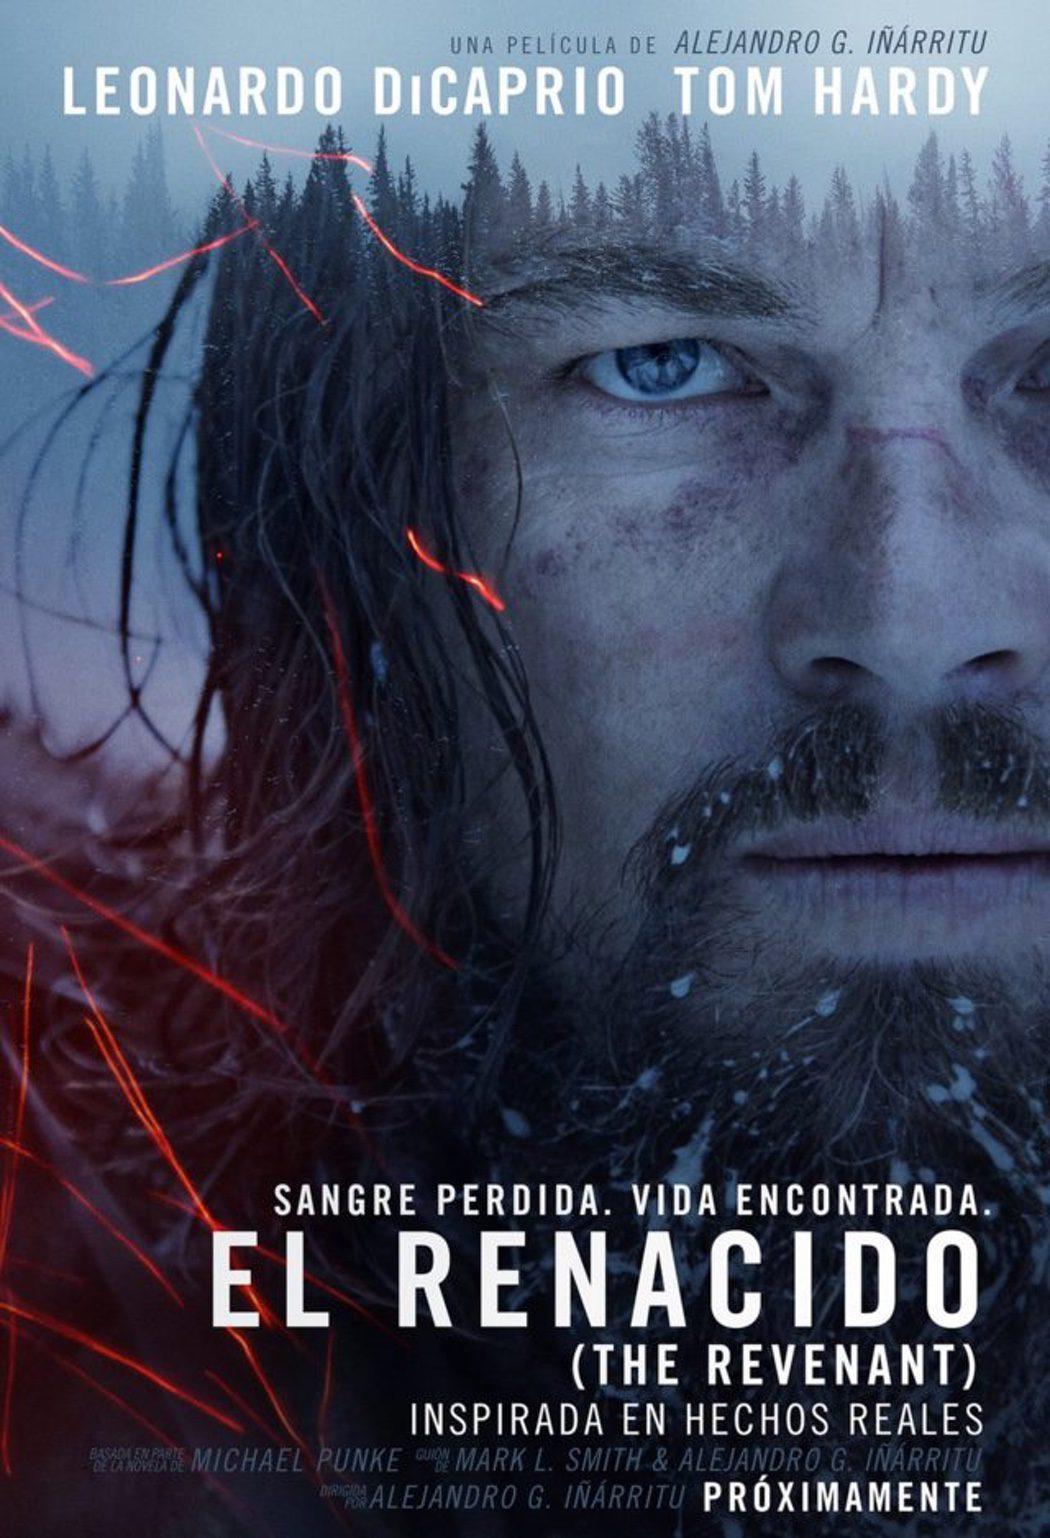 'El renacido (The Revenant)'